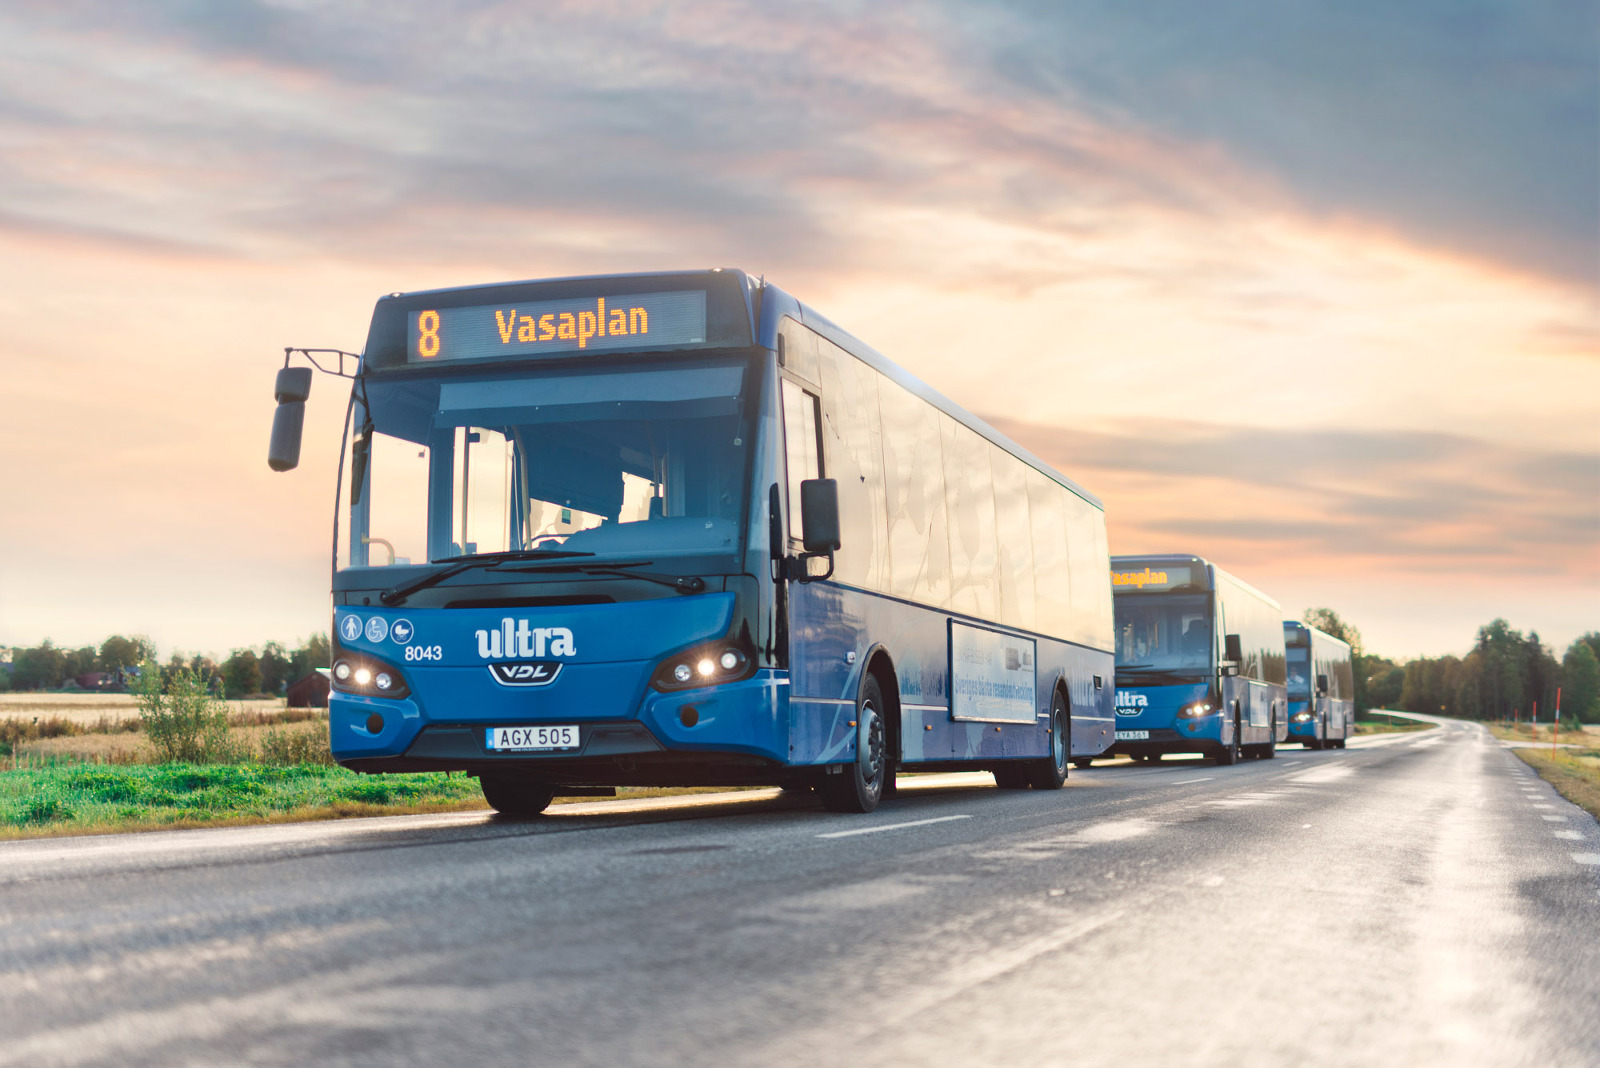 Fotograf Umeå företagsfoto företagsporträtt bussbilder Sandra Viklund